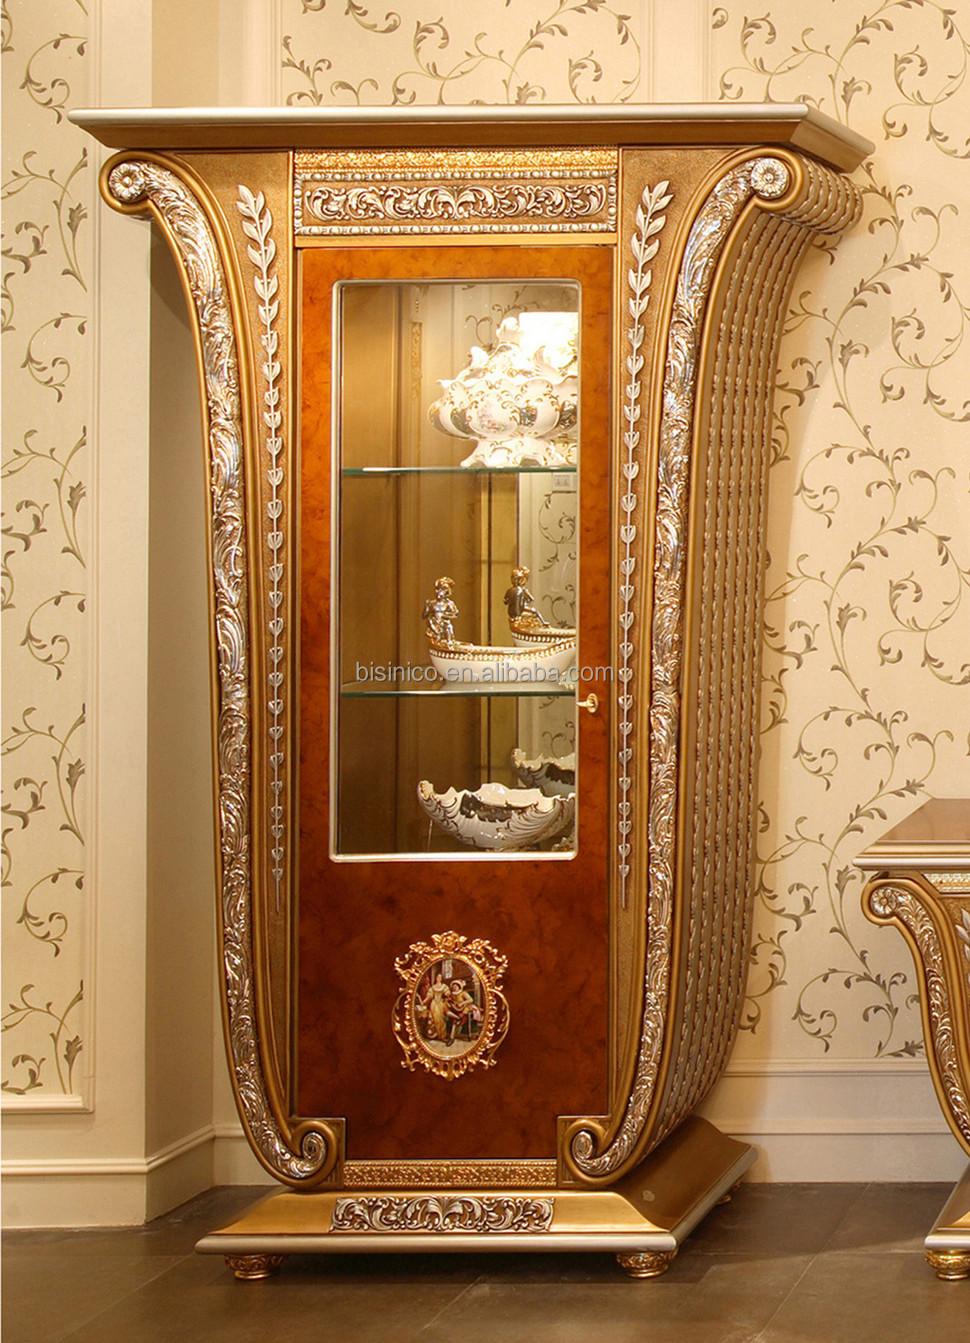 De Luxe Fran Ais R Tro Baroque Style D 39 Or Porte Simple Vitrine Europ Enne Classique Nouveau